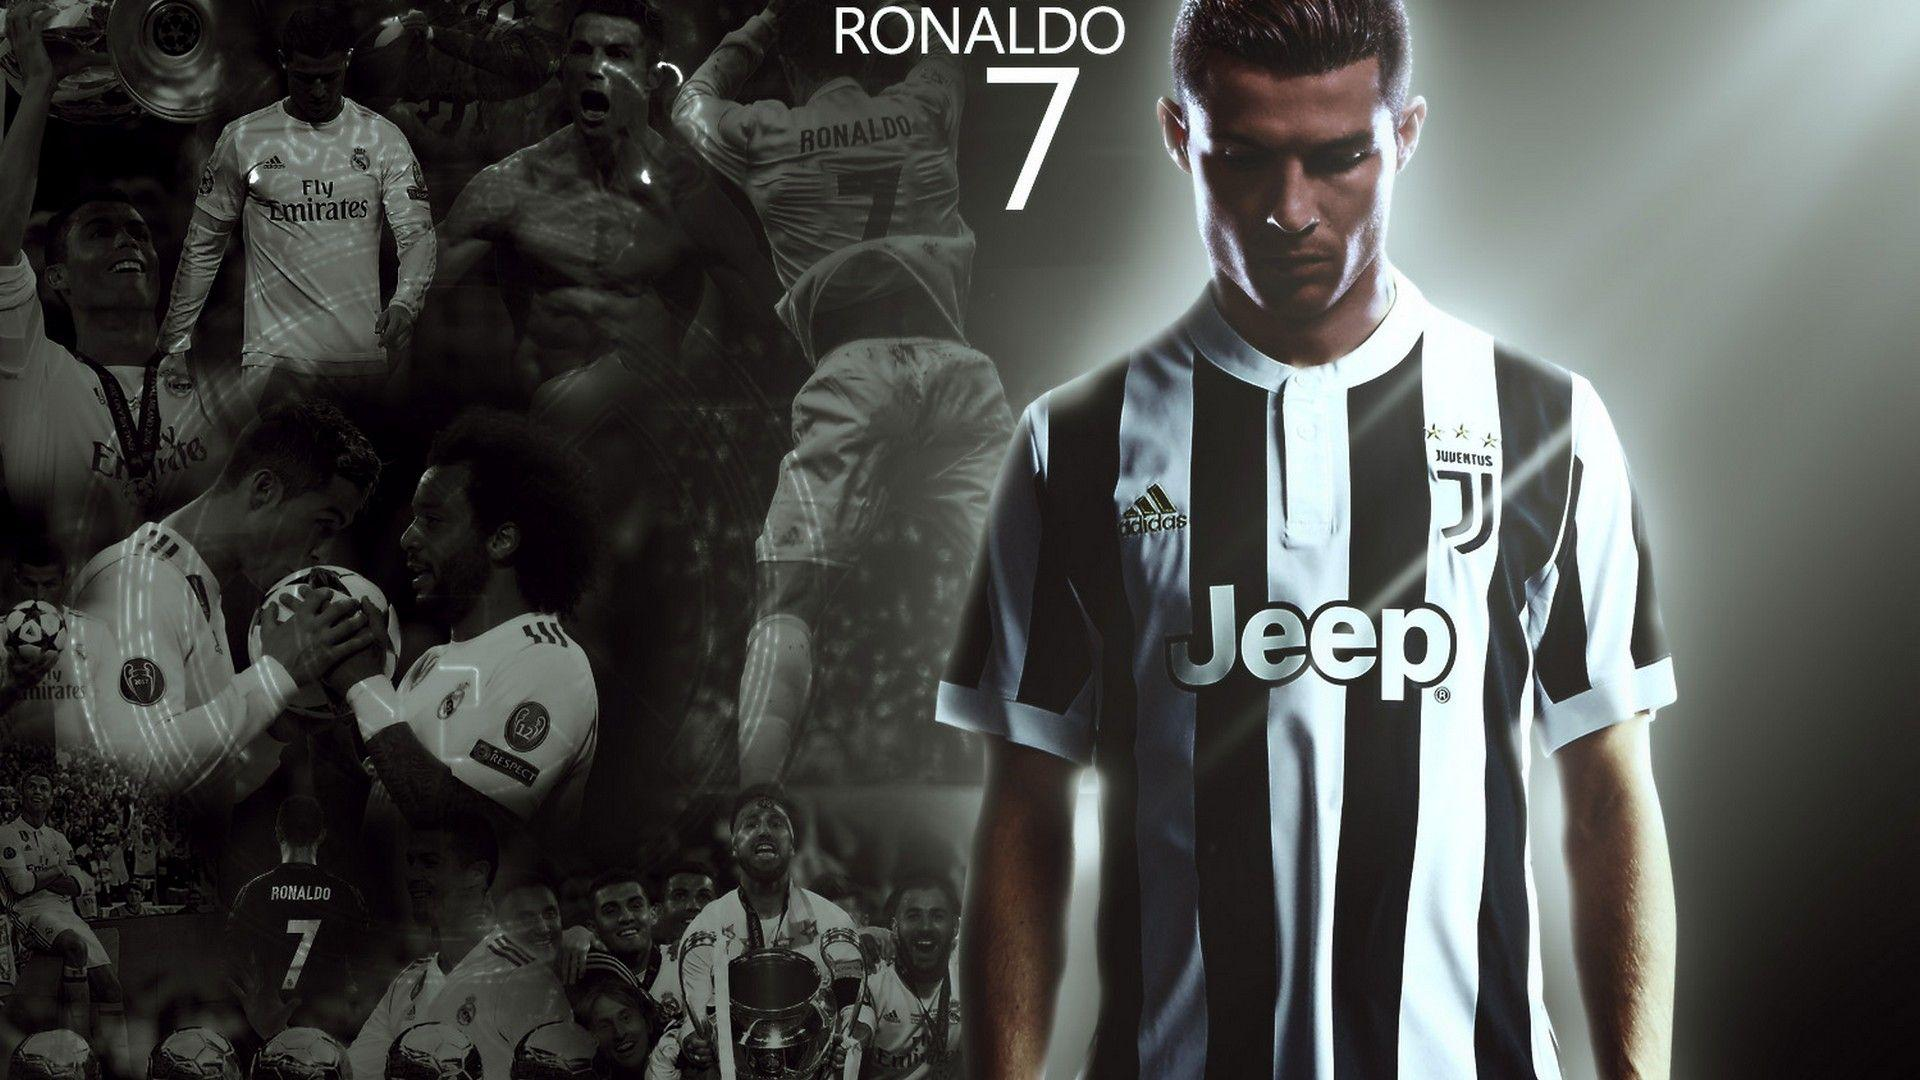 Ronaldo Juventus Wallpapers